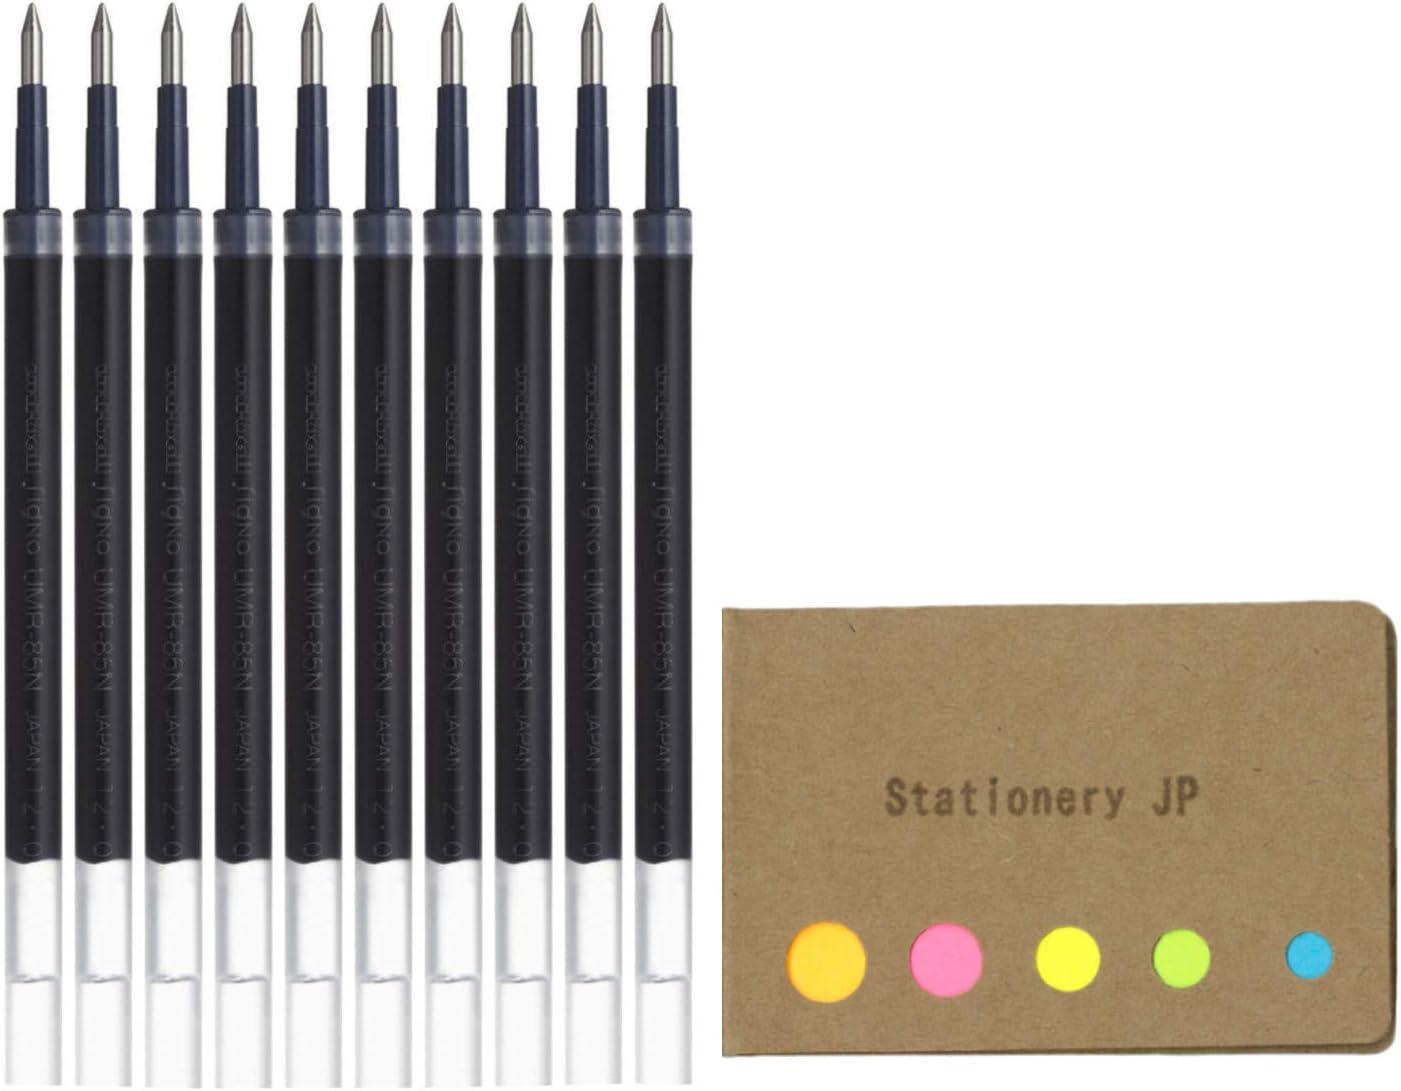 Uni-ball UMR-80 Refills for Gel Ink Black online Sacramento Mall shopping Pen 1.0mm Ballpoint